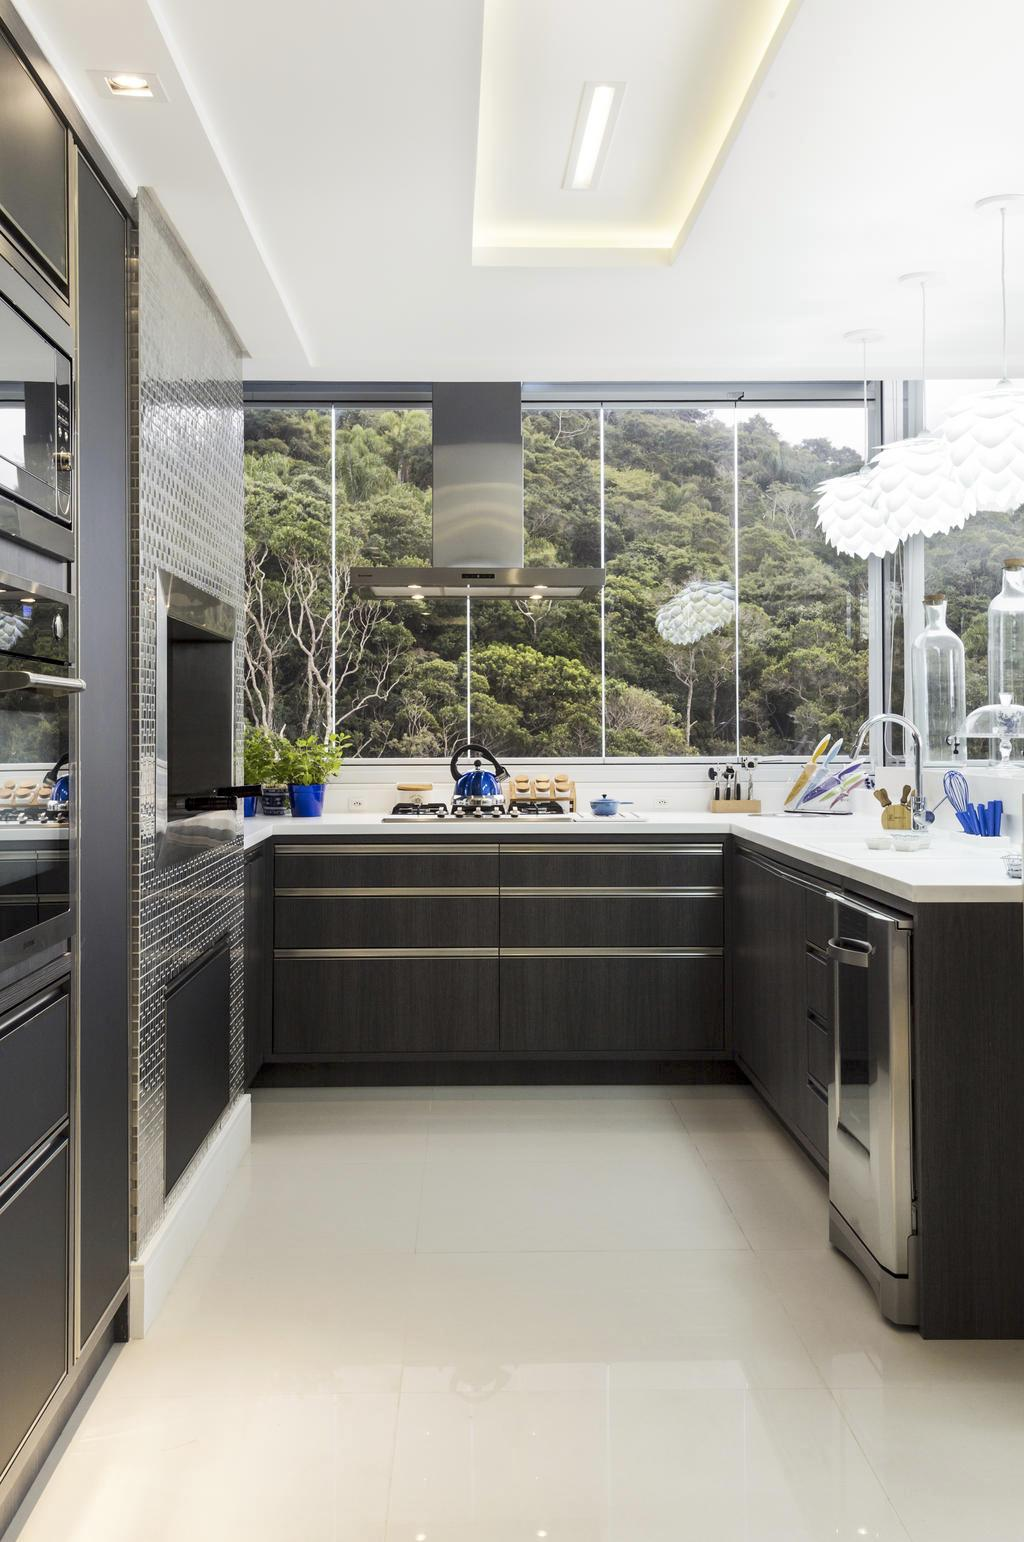 Imagem 11 – A cozinha reúne itens completo para cozinhar  #3C496A 1024 1542